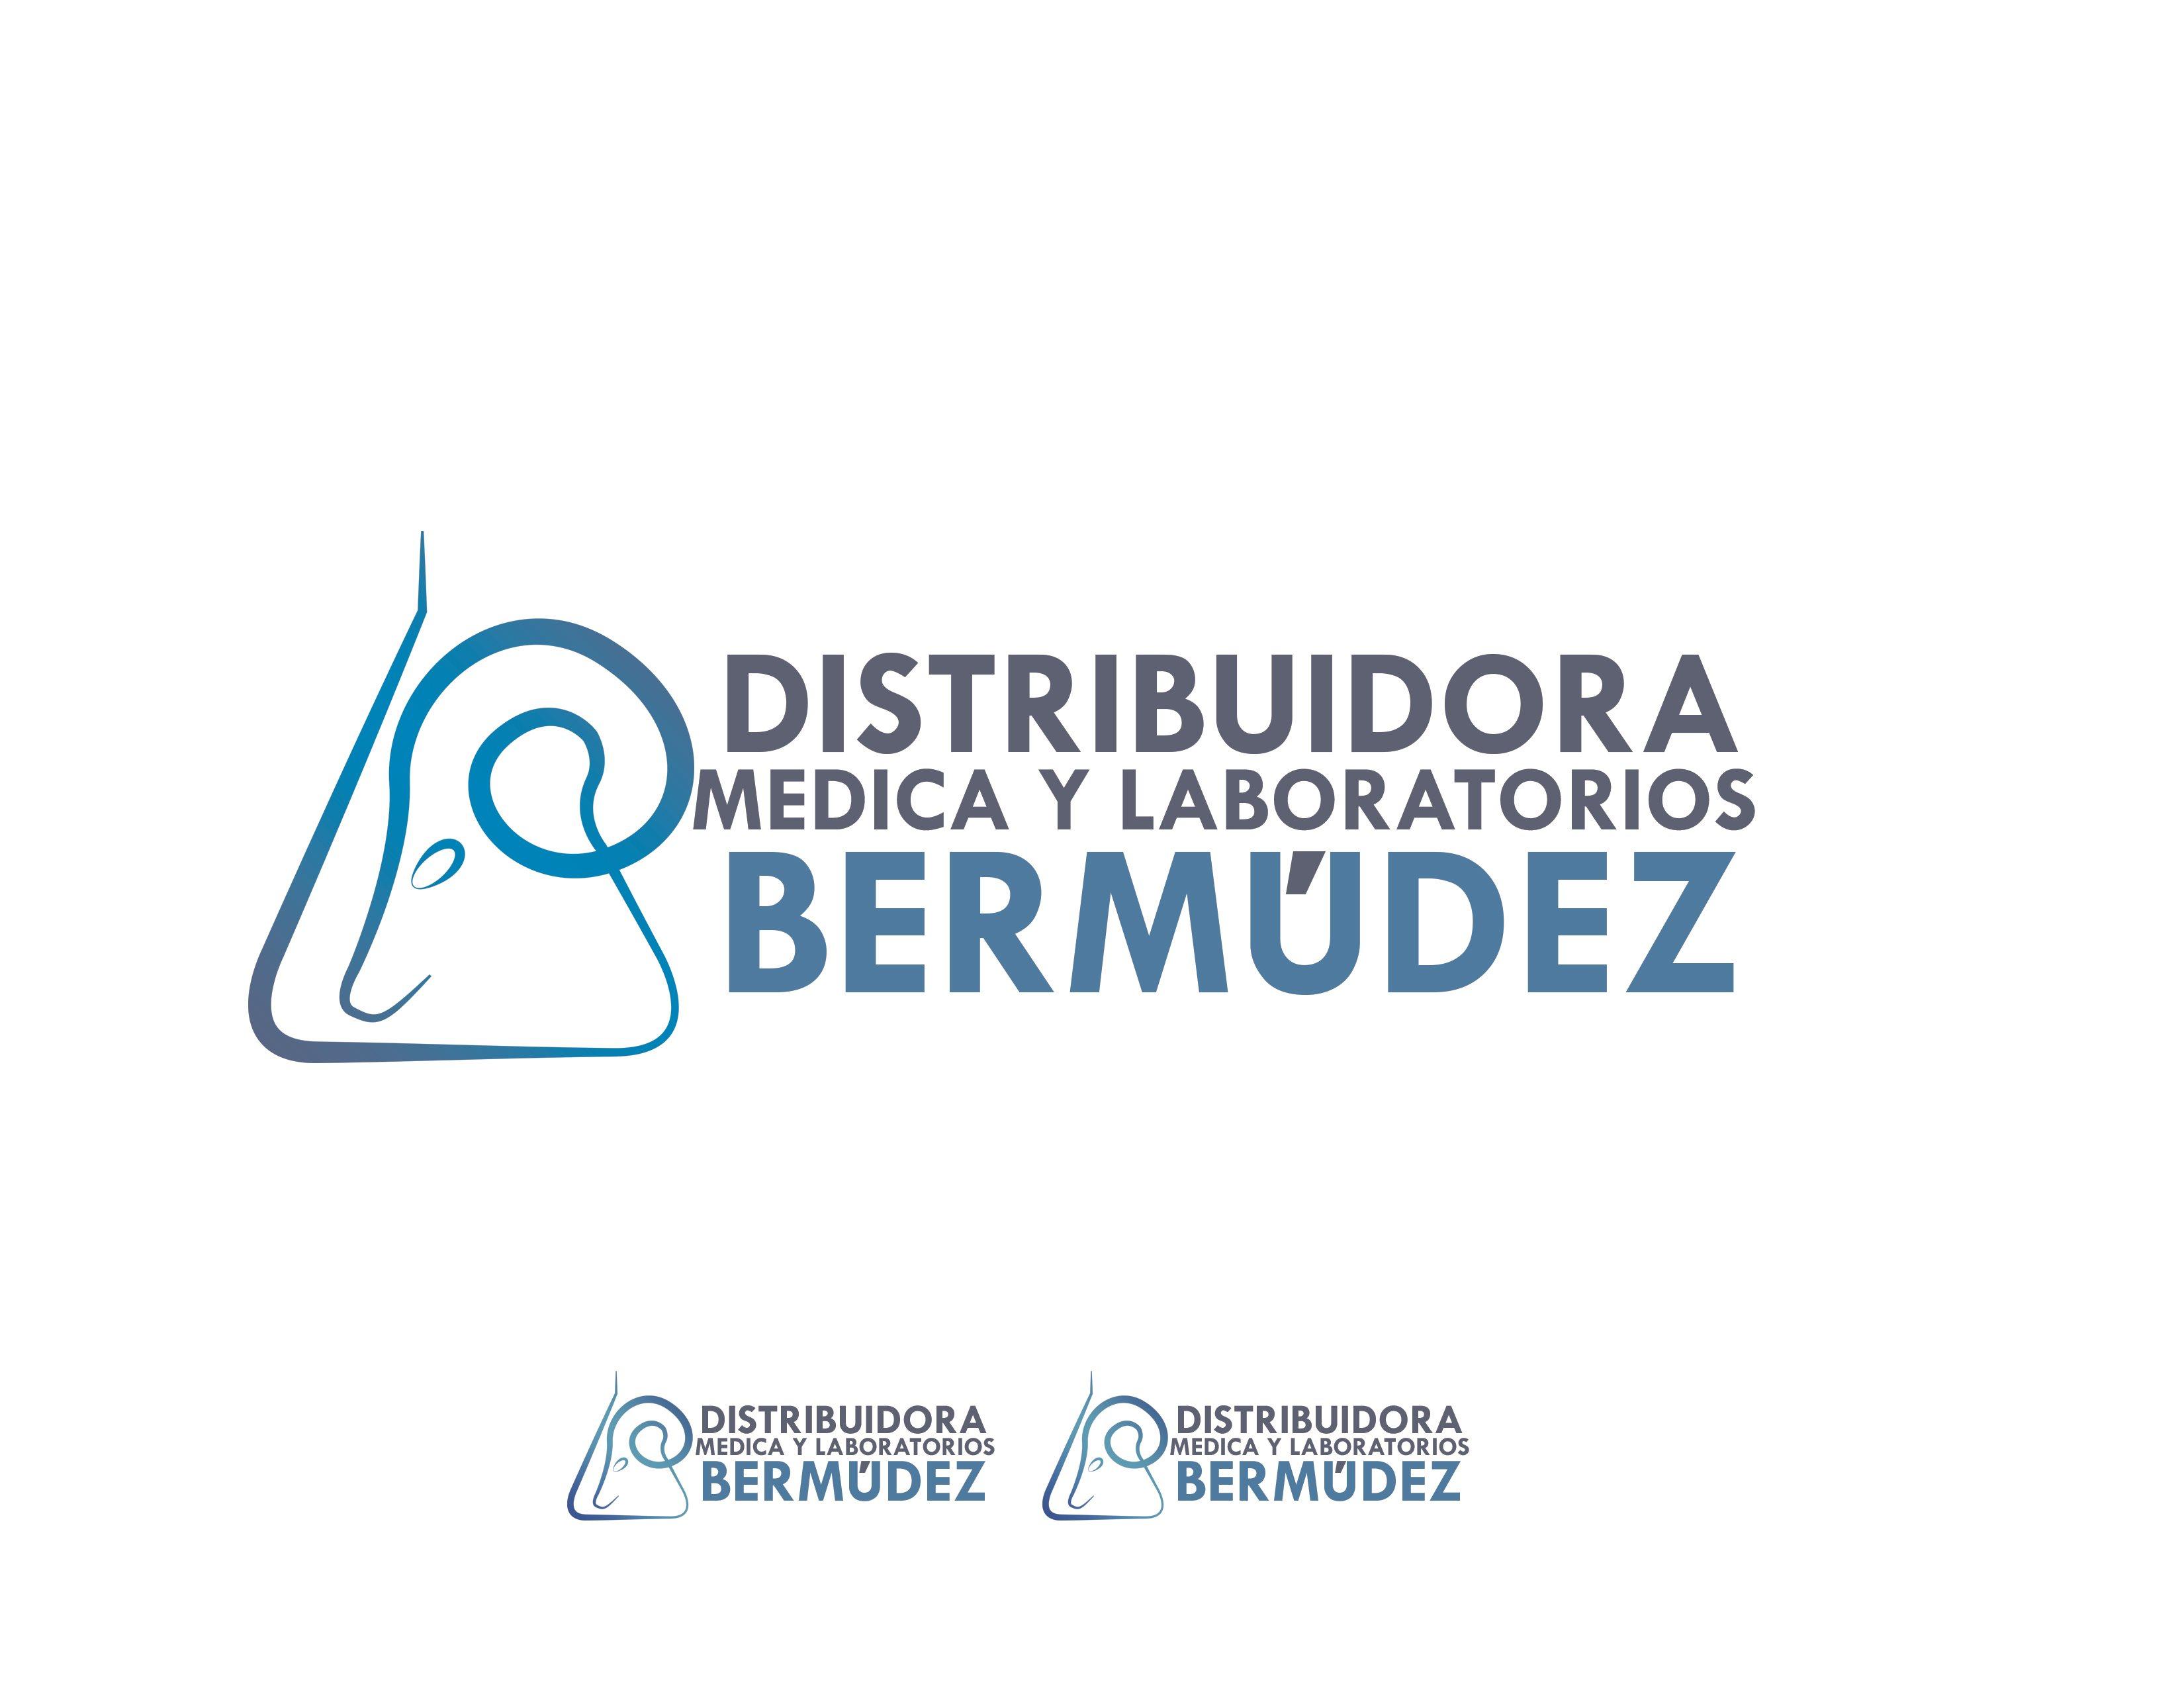 DISTRIBUIDORA BERMUDEZ